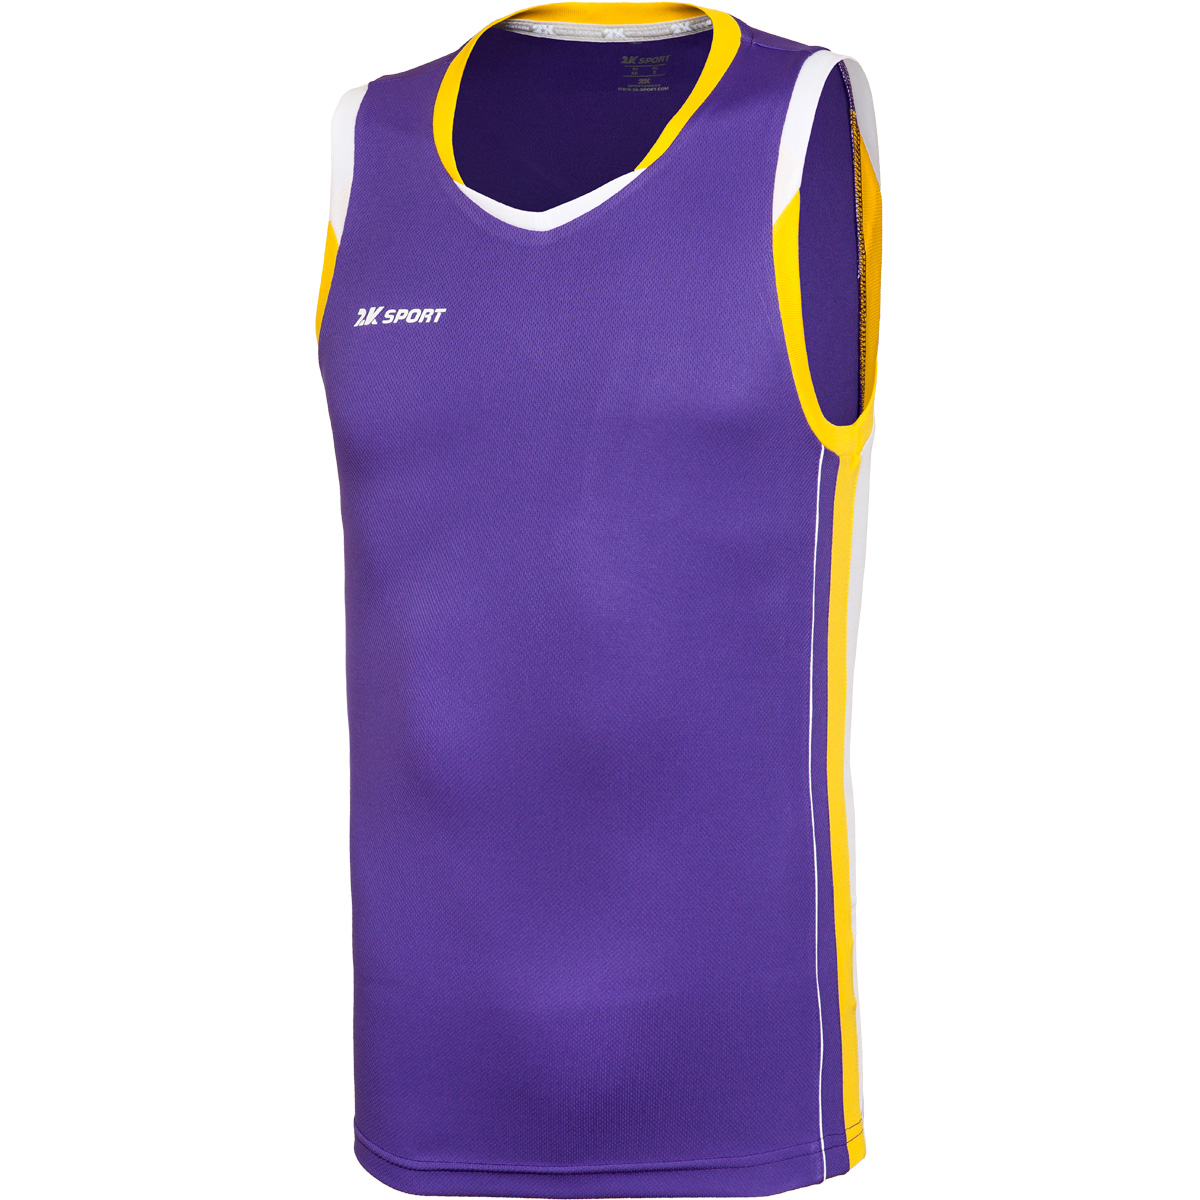 Майка баскетбольная мужская 2K Sport Advance, цвет: фиолетовый, желтый, белый. 130030. Размер XXL (54)130030_violet/yellow/whiteПрофессиональная баскетбольная игровая майка от 2K Sport создана для того, чтобы вам ничего не мешало демонстрировать великолепную игру на паркете против самых грозных соперников. Особая сетчатая структура ткани позволяет сделать майку практически невесомой, сохраняя при этом прочность и эластичность. Стильный двухцветный кант по вороту и рукаву. Боковые контрастные вставки.